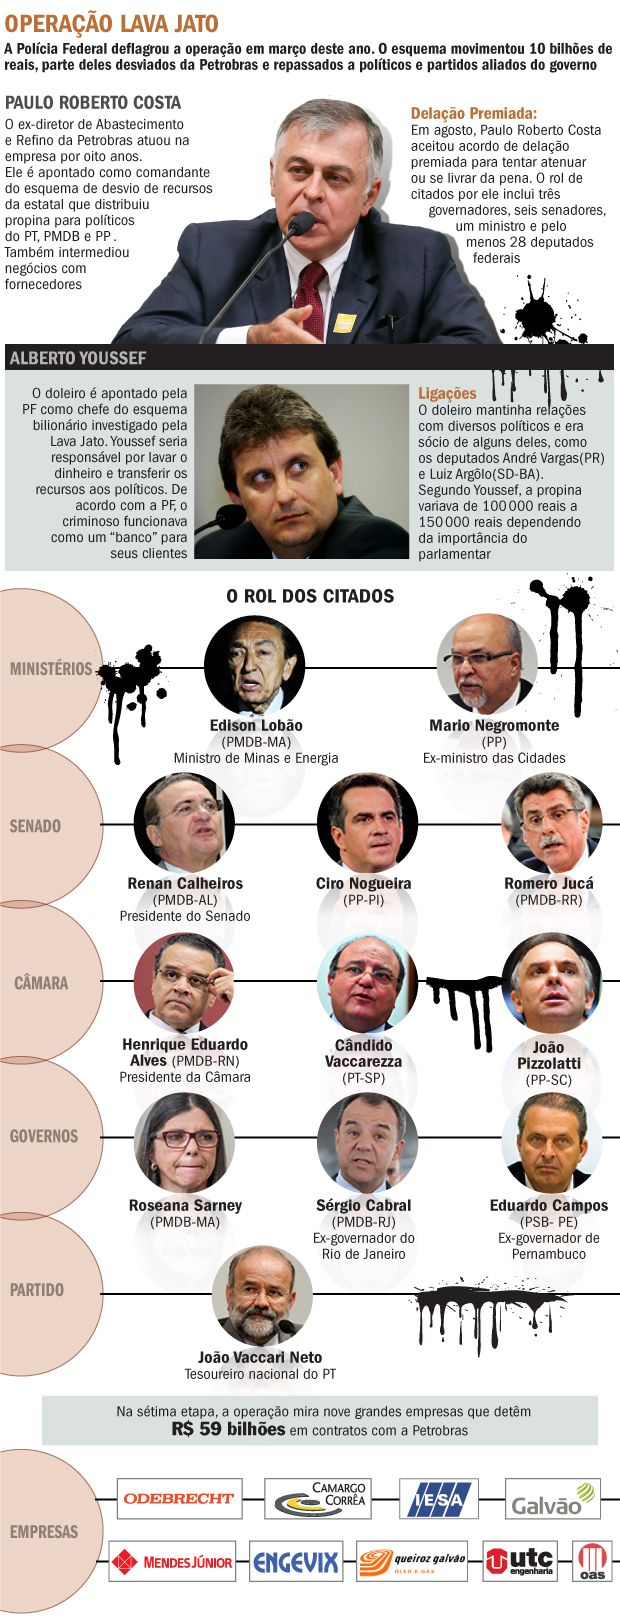 Entenda a Operação Lava Jato da Polícia Federal - Brasil - Notícia - VEJA.com